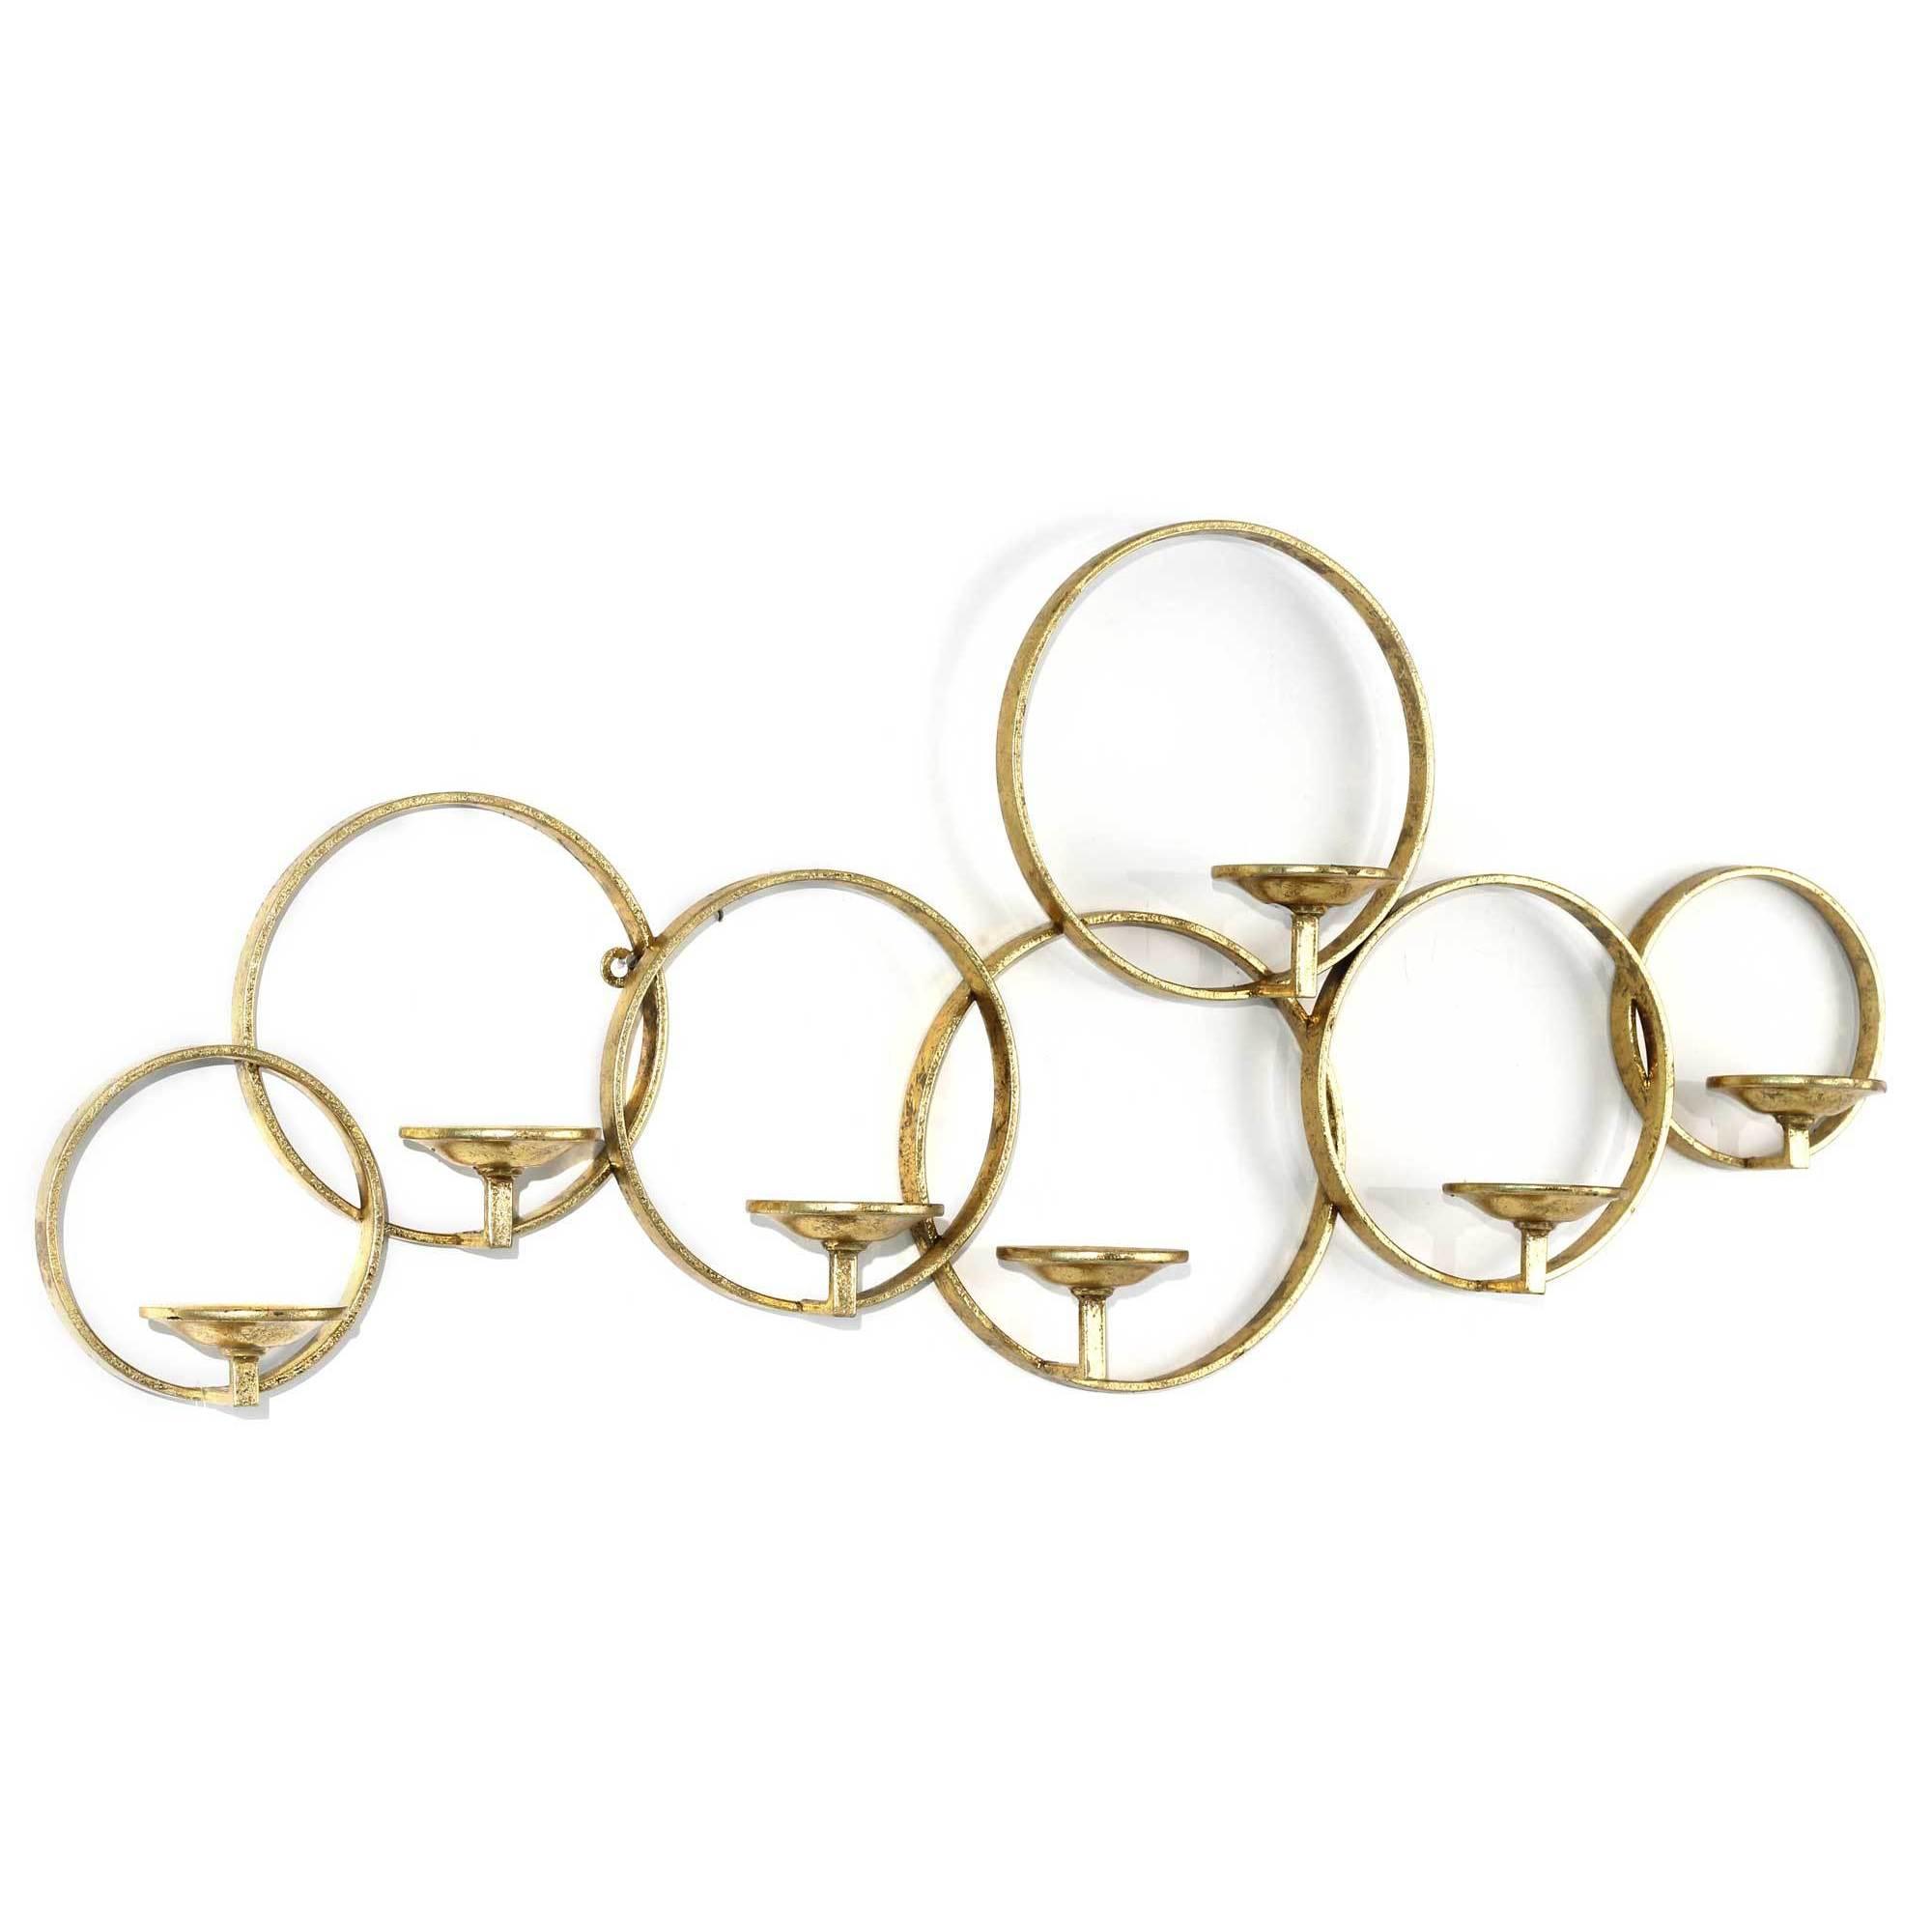 Gild Design House Lonan Gold Metal Candle Holder